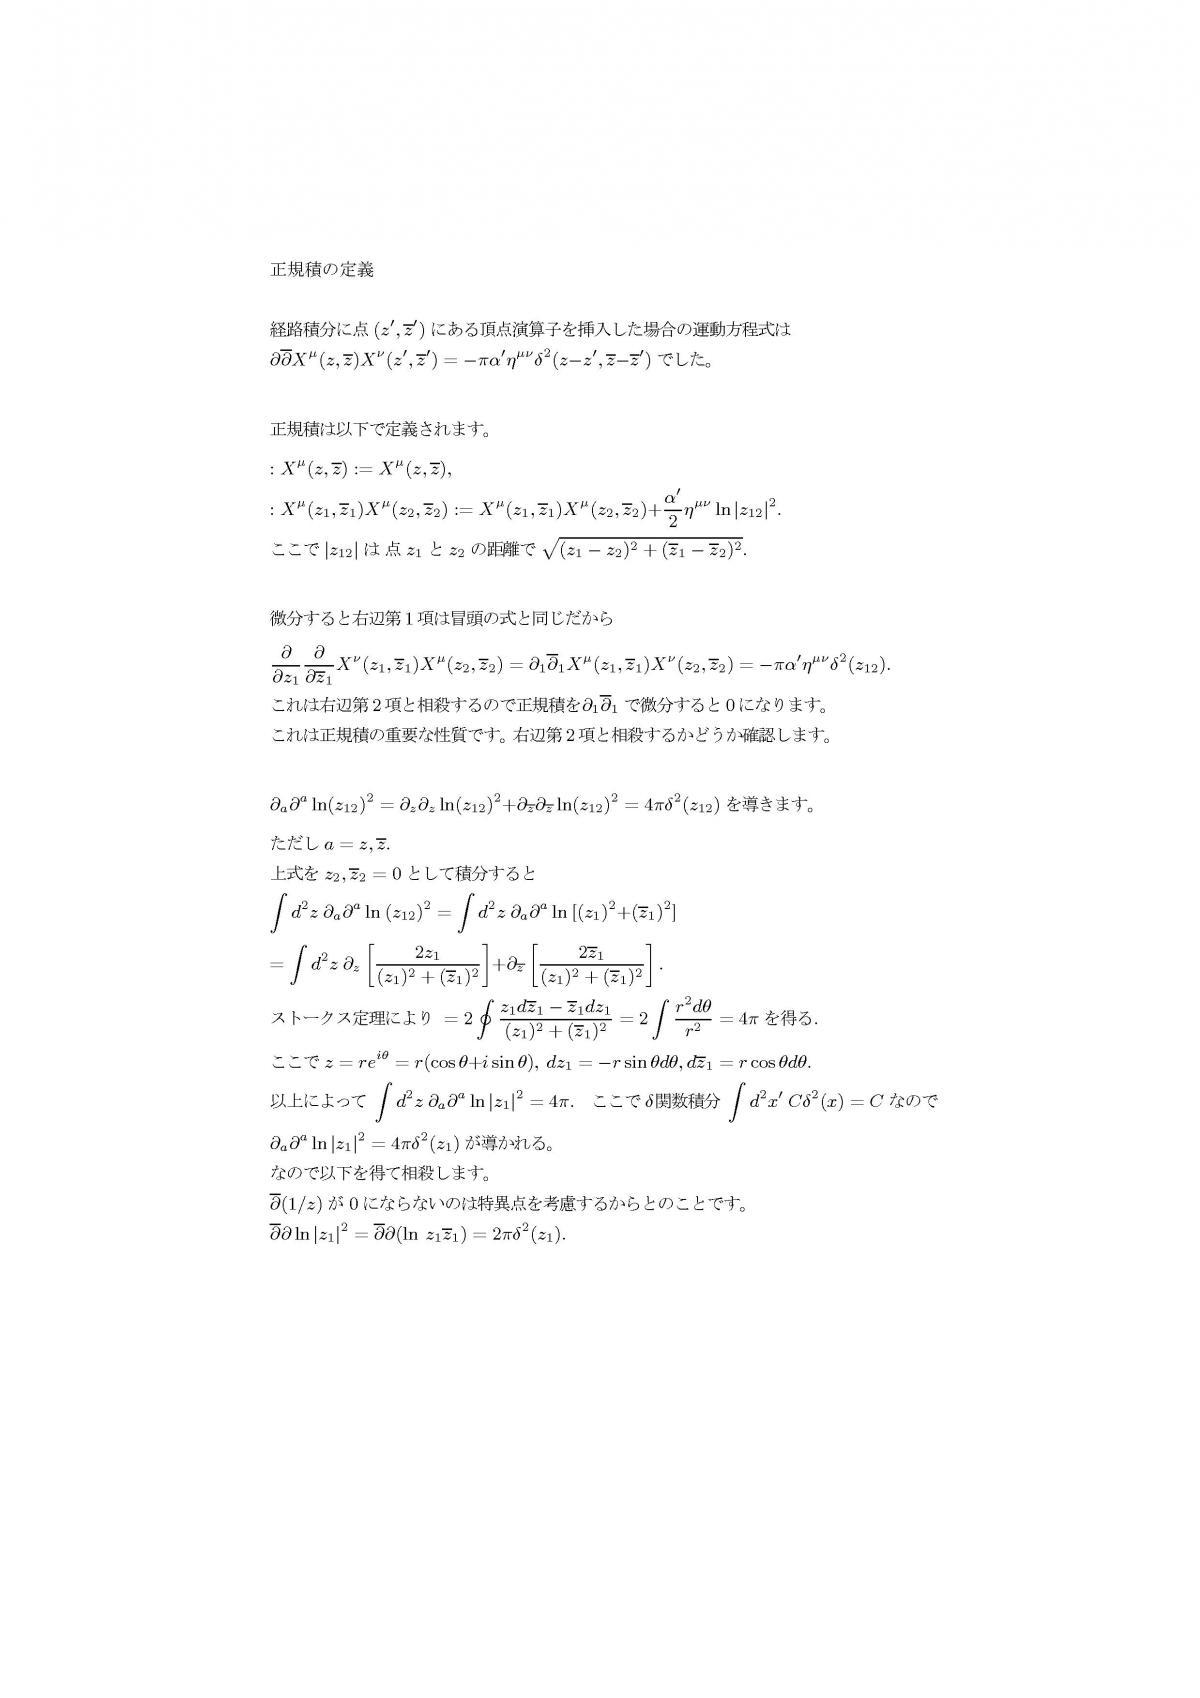 zgen31.jpg